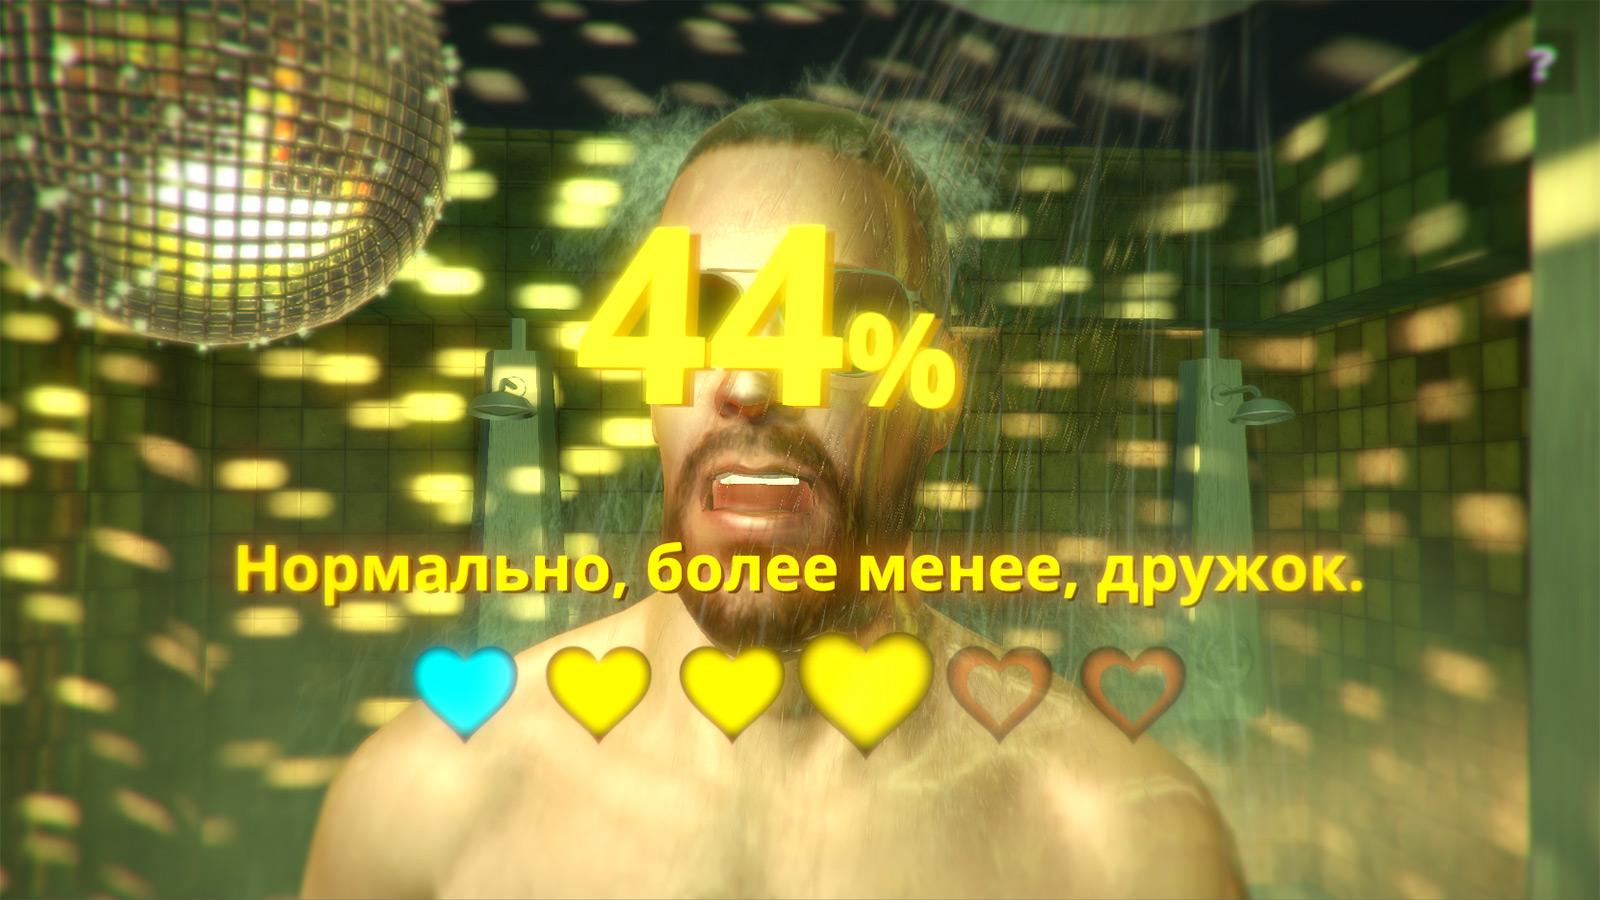 Gay Sex Simulator spel